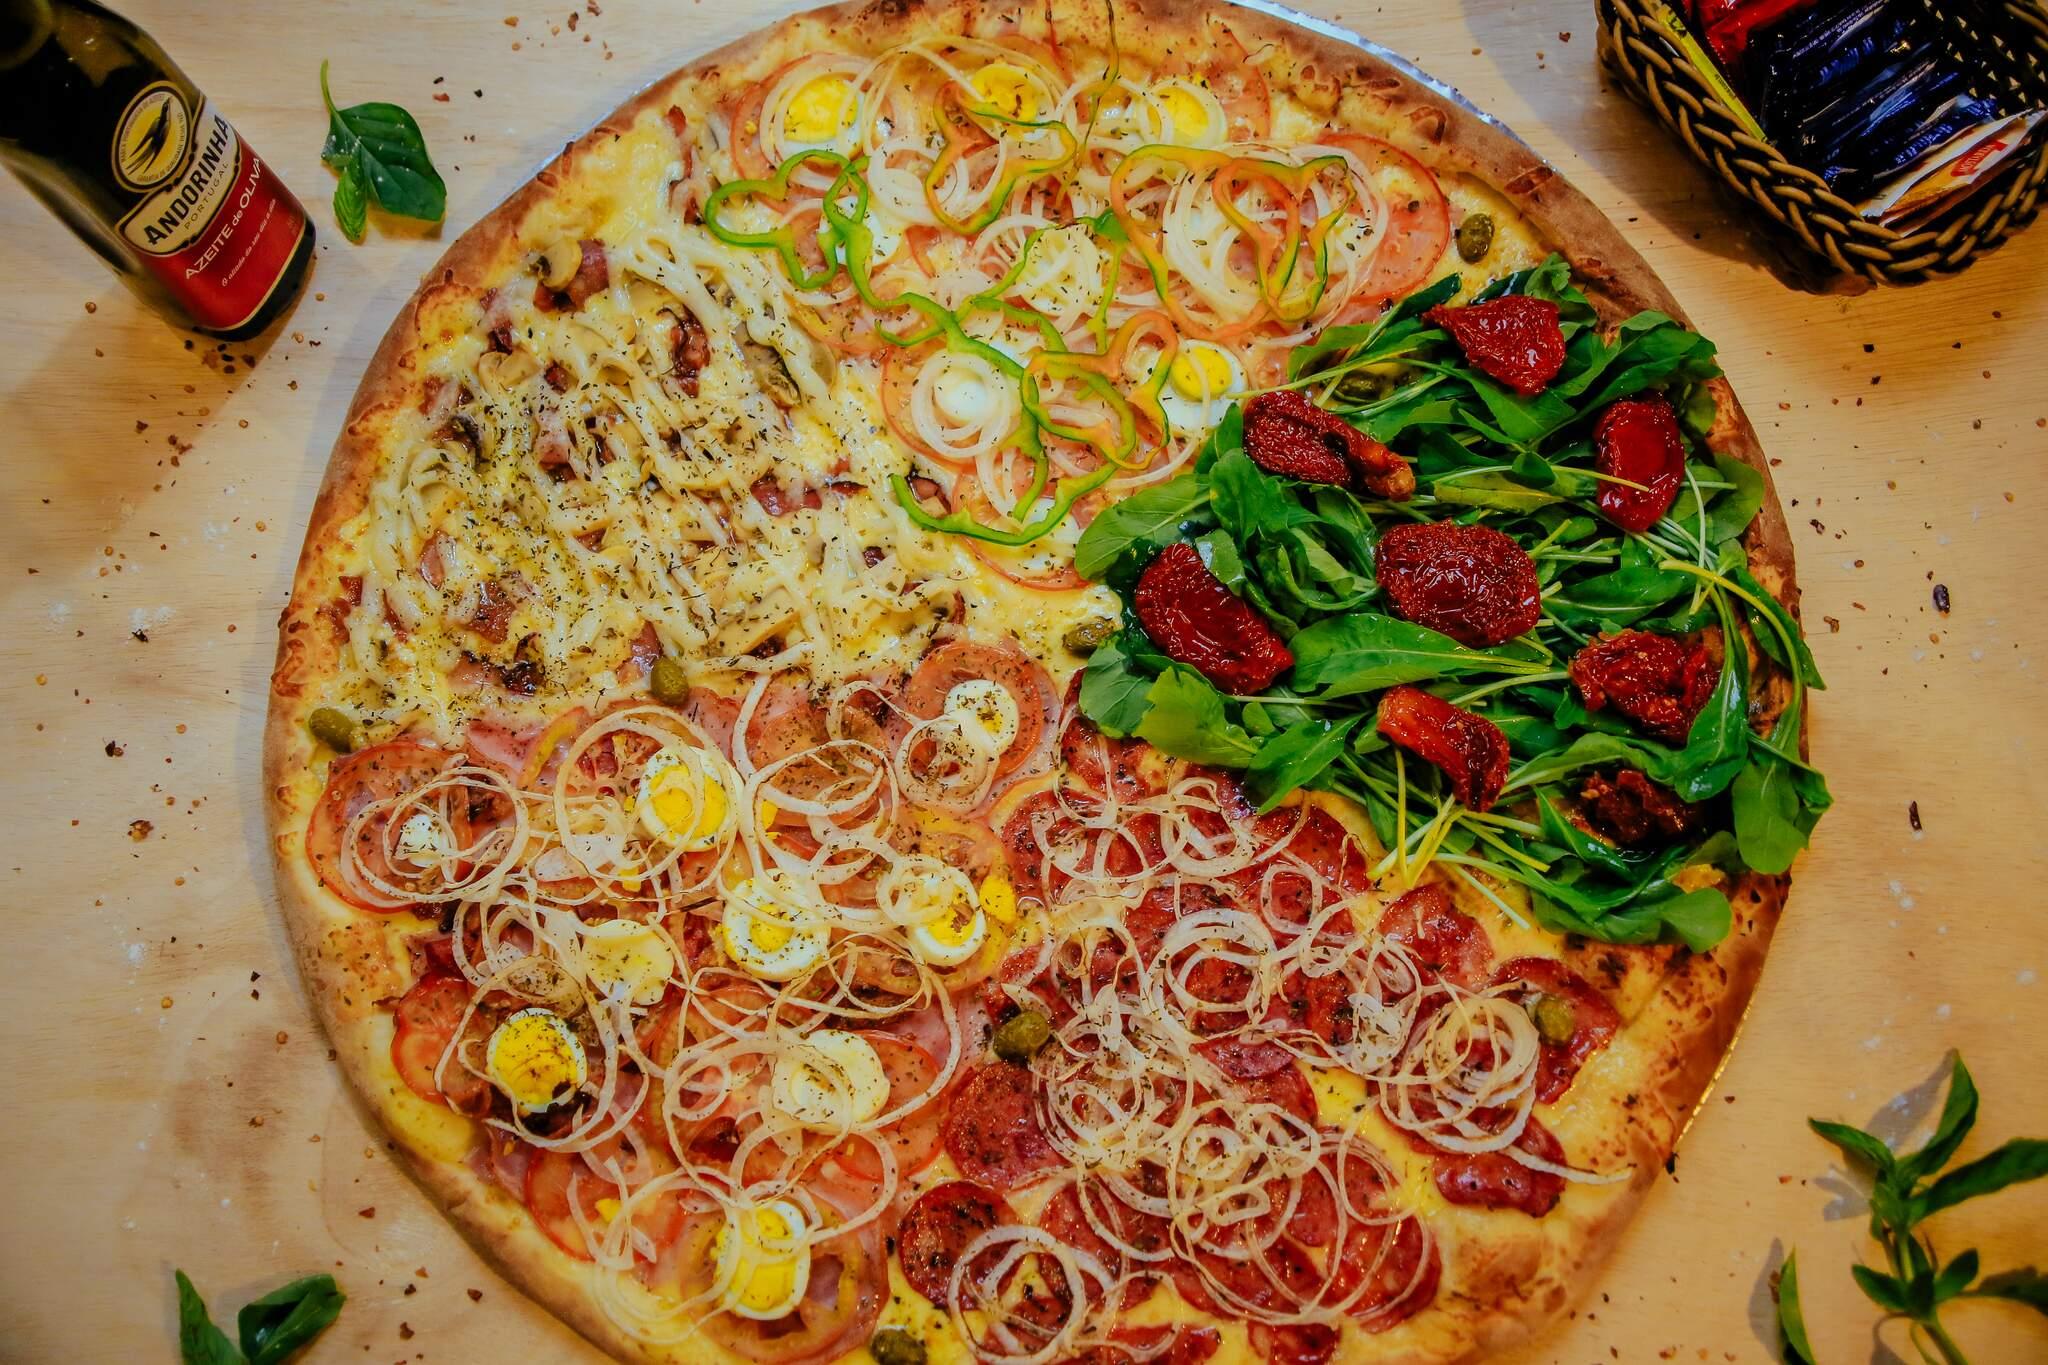 Tem cardápio que conta com pizza de 20 pedaços e cinco sabores diferentes. (Foto: Disk Pizza Estrela)